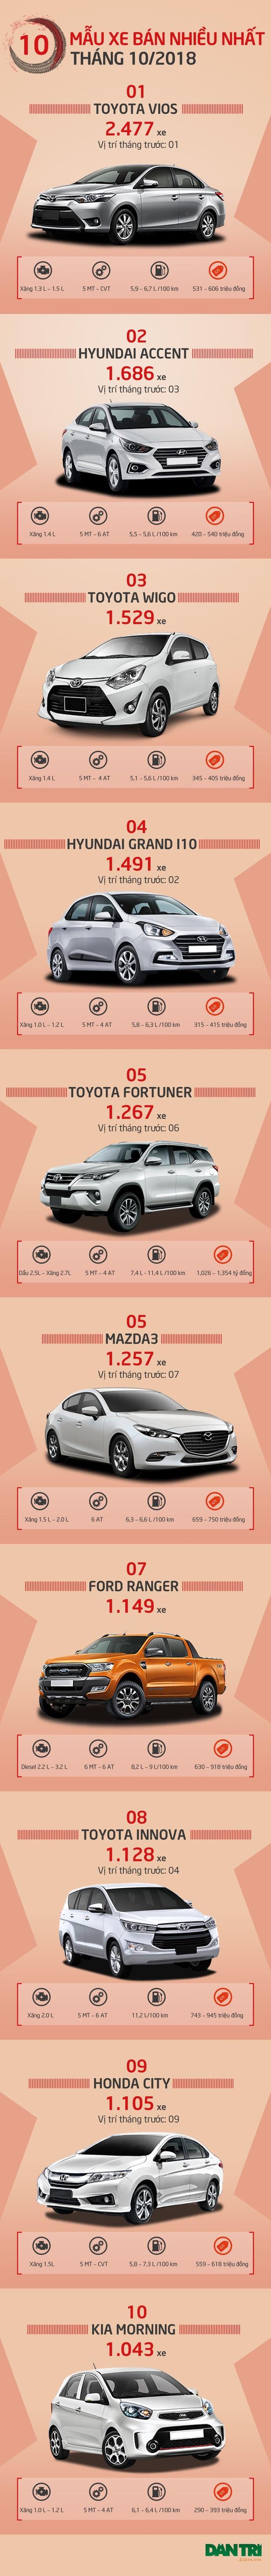 Top 10 mẫu xe bán nhiều nhất Việt Nam tháng 10/2018 - 1